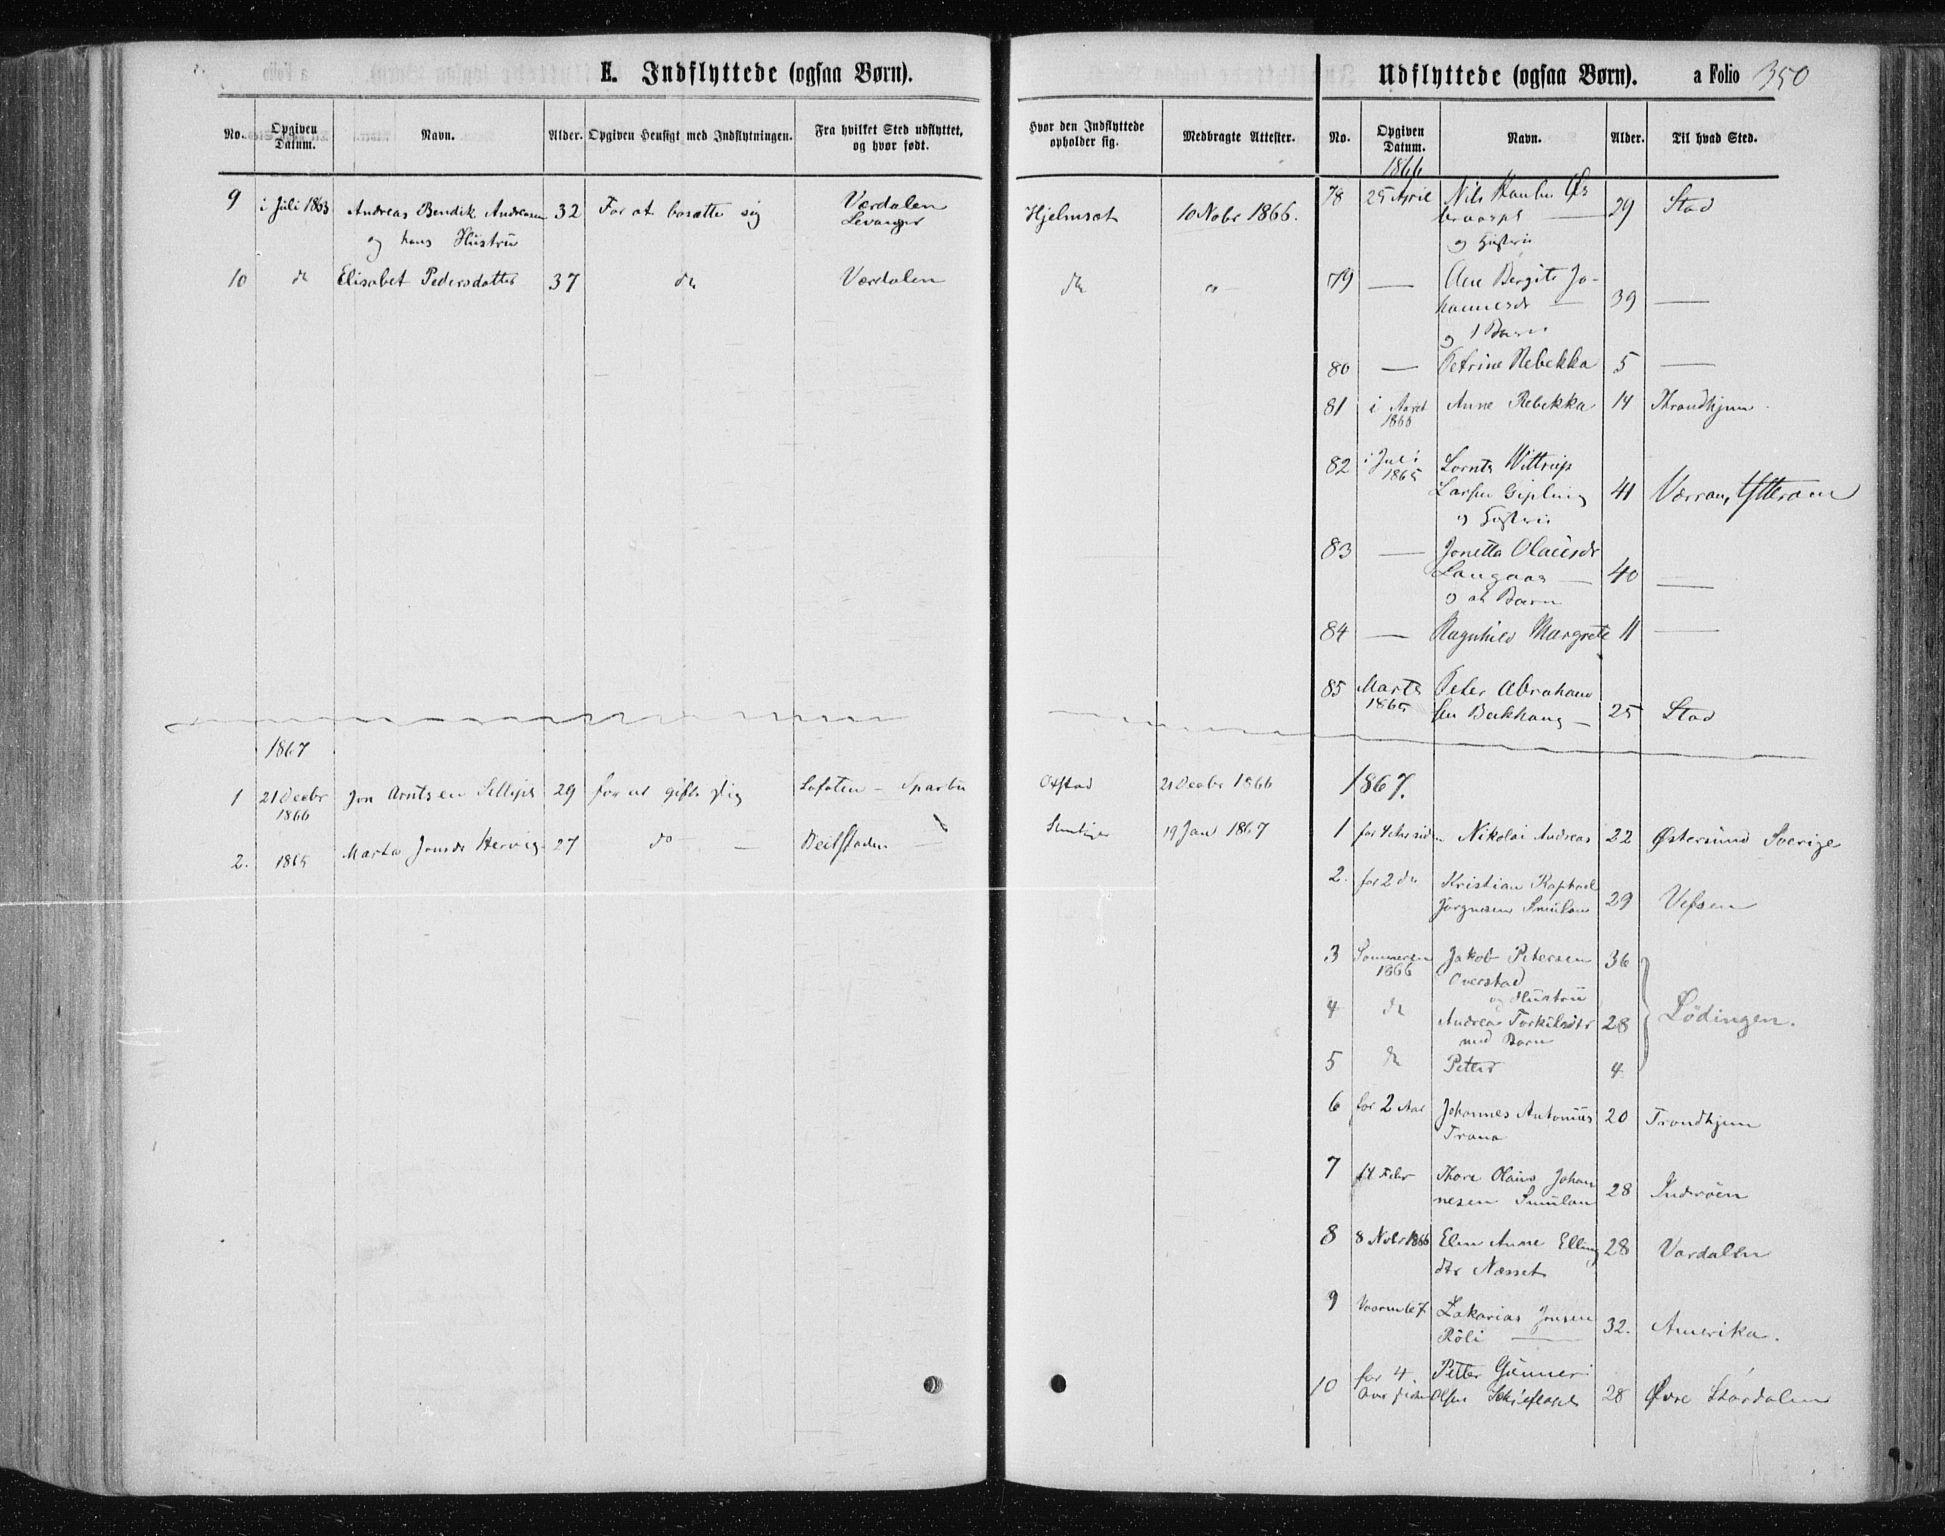 SAT, Ministerialprotokoller, klokkerbøker og fødselsregistre - Nord-Trøndelag, 735/L0345: Ministerialbok nr. 735A08 /1, 1863-1872, s. 350